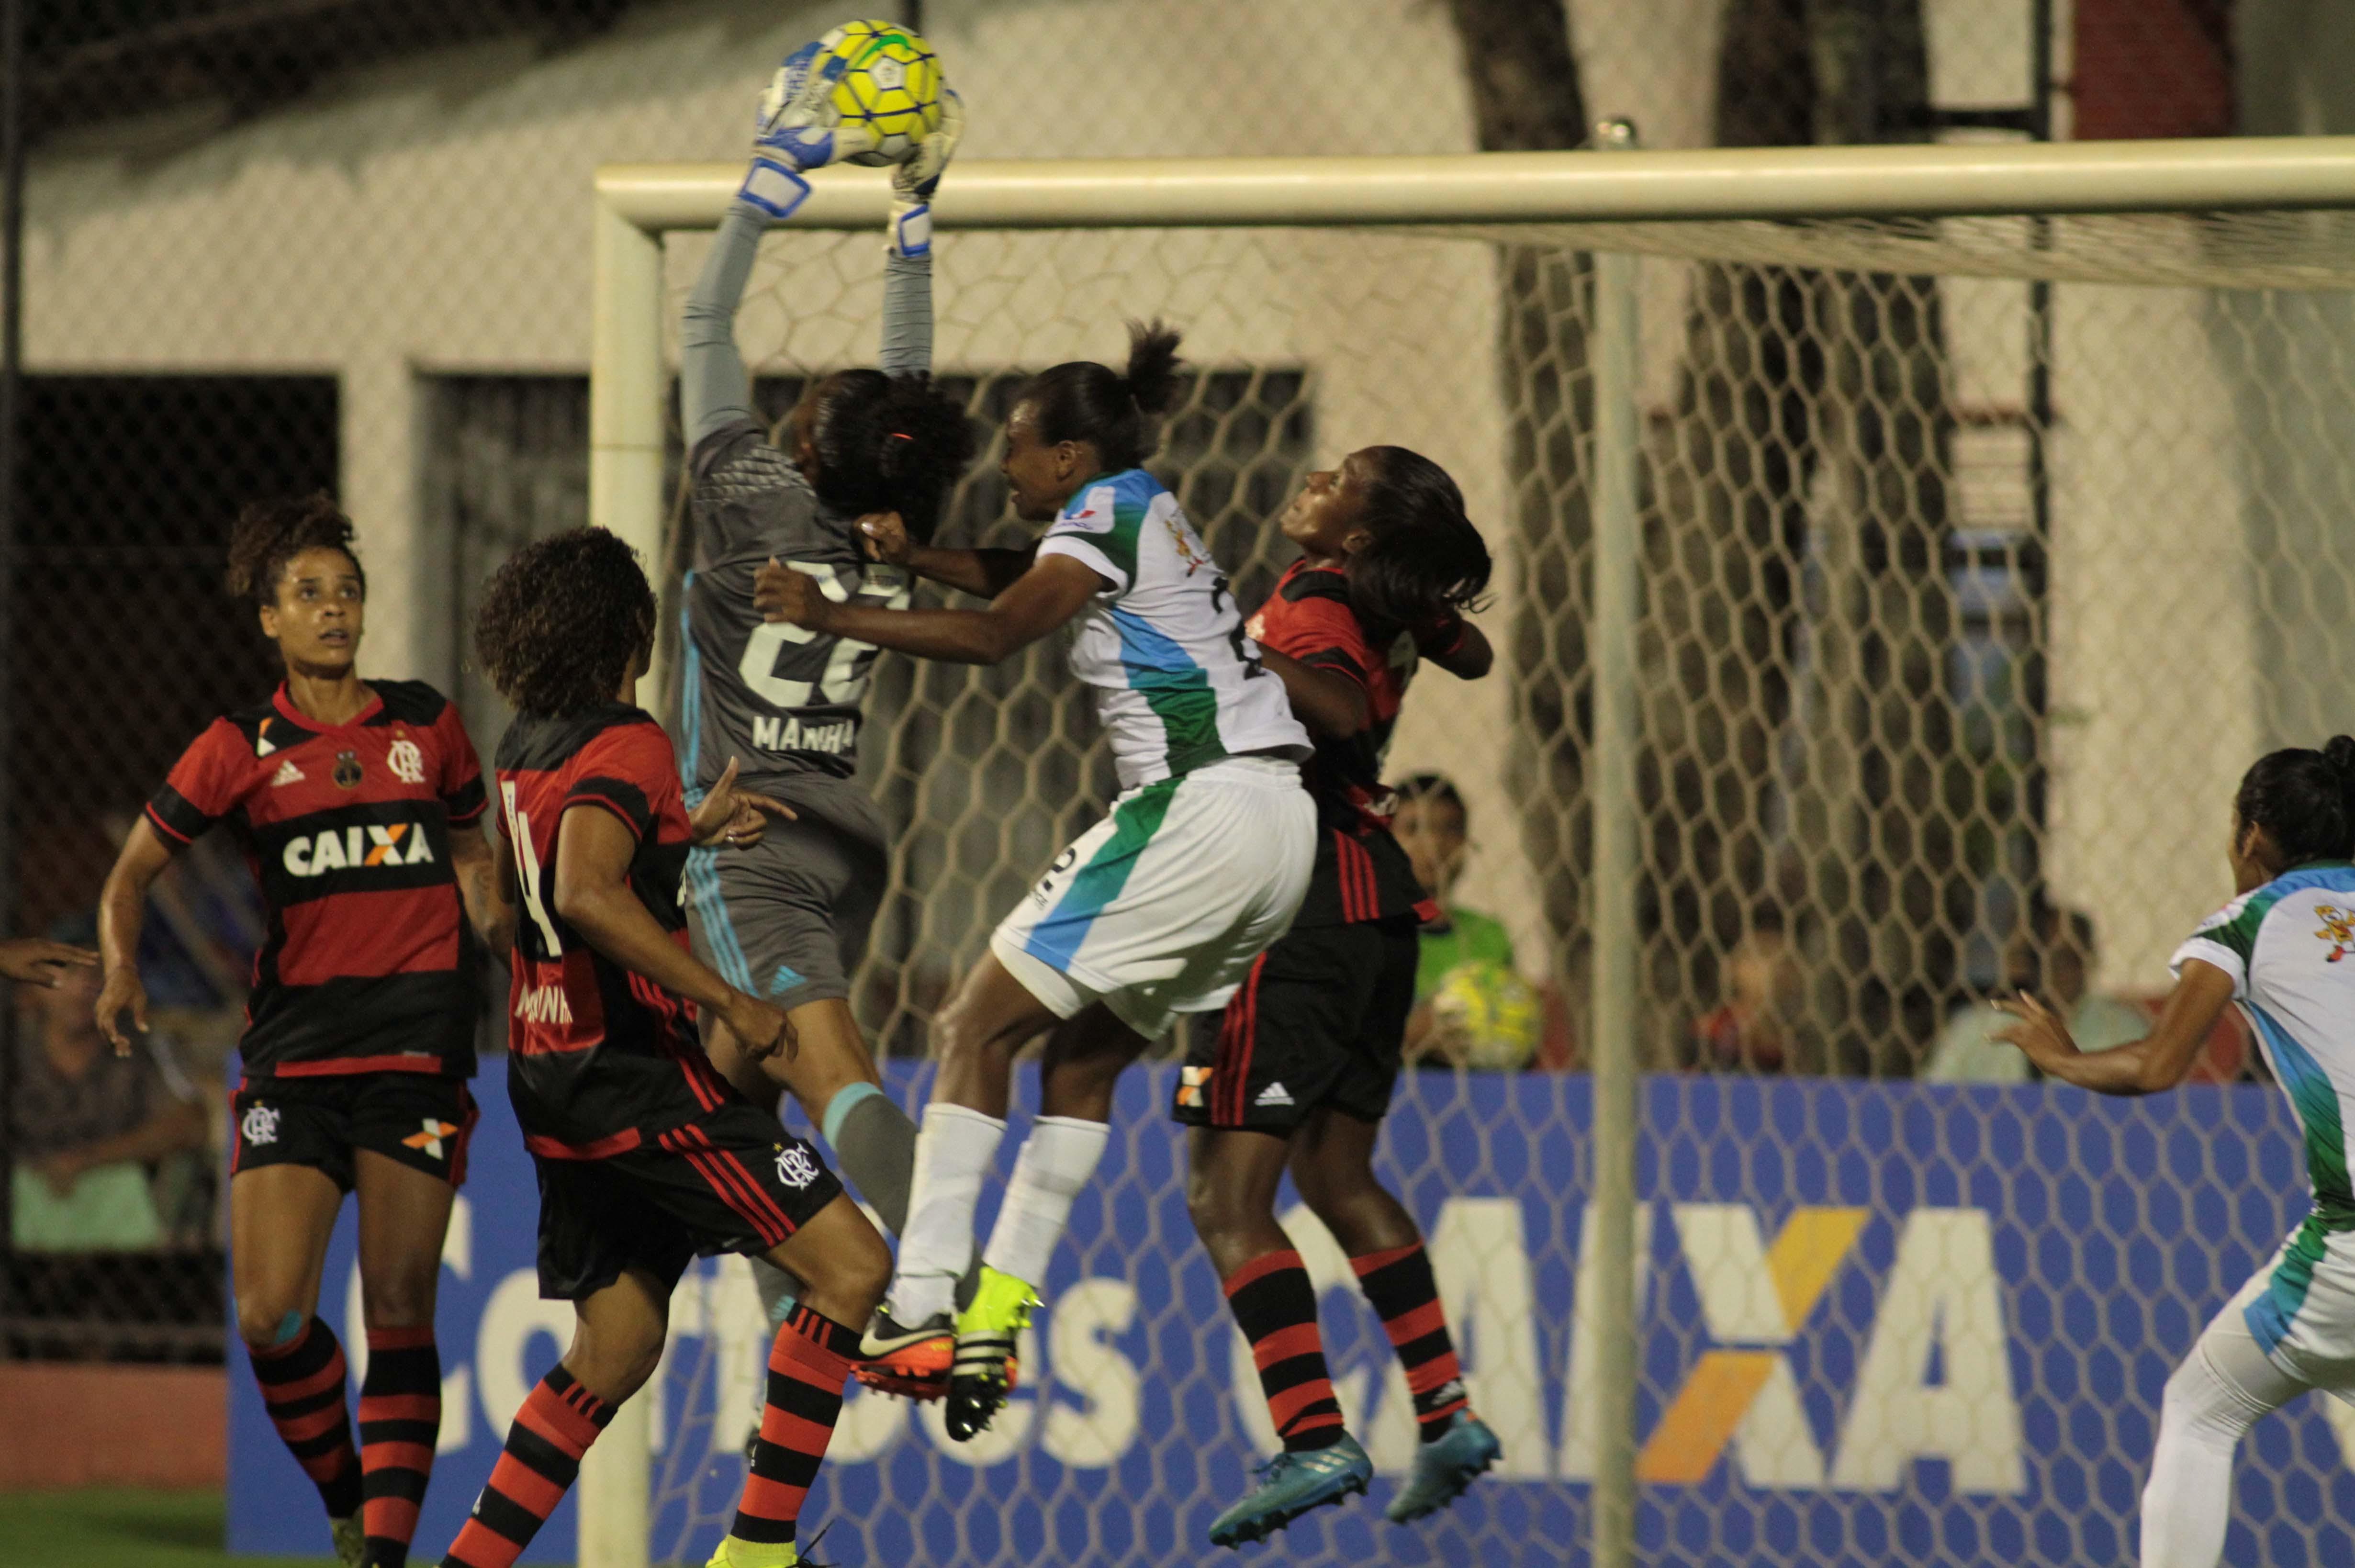 Foz Cataratas/Coritiba e Flamengo se enfrentam nesta quinta-feira, 17 Partida será disputada pela quarta rodada do Campeonato Brasileiro A1